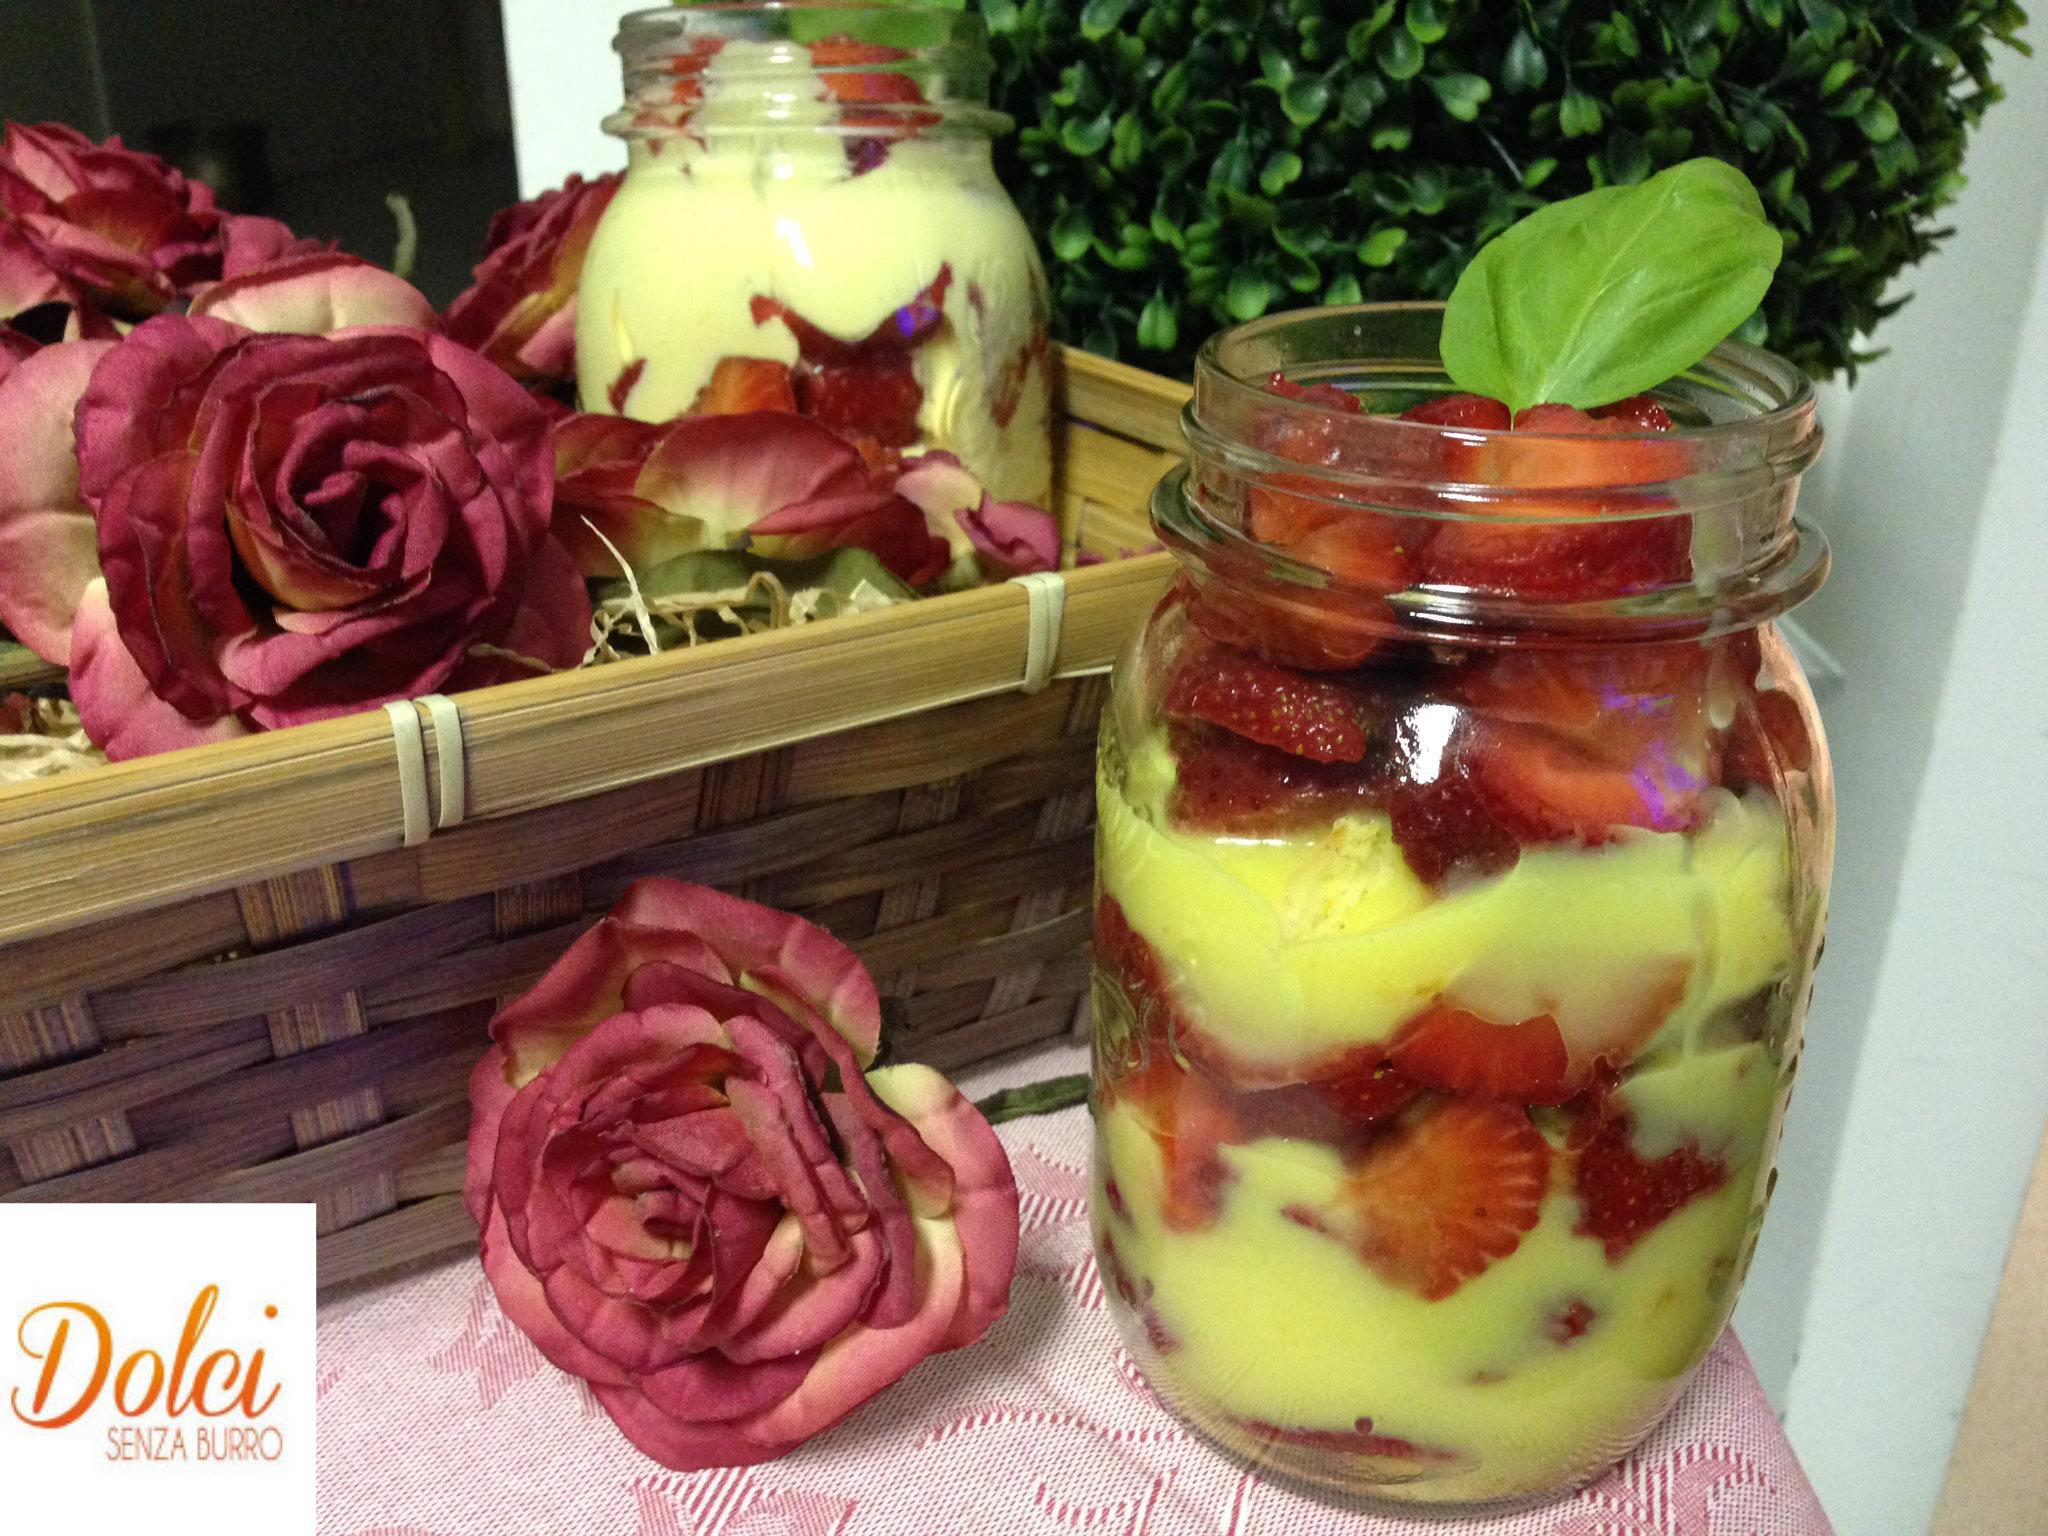 I Bicchieri Dolci con Fragole, il dolce senza glutine e lattosio di dolci senza burro